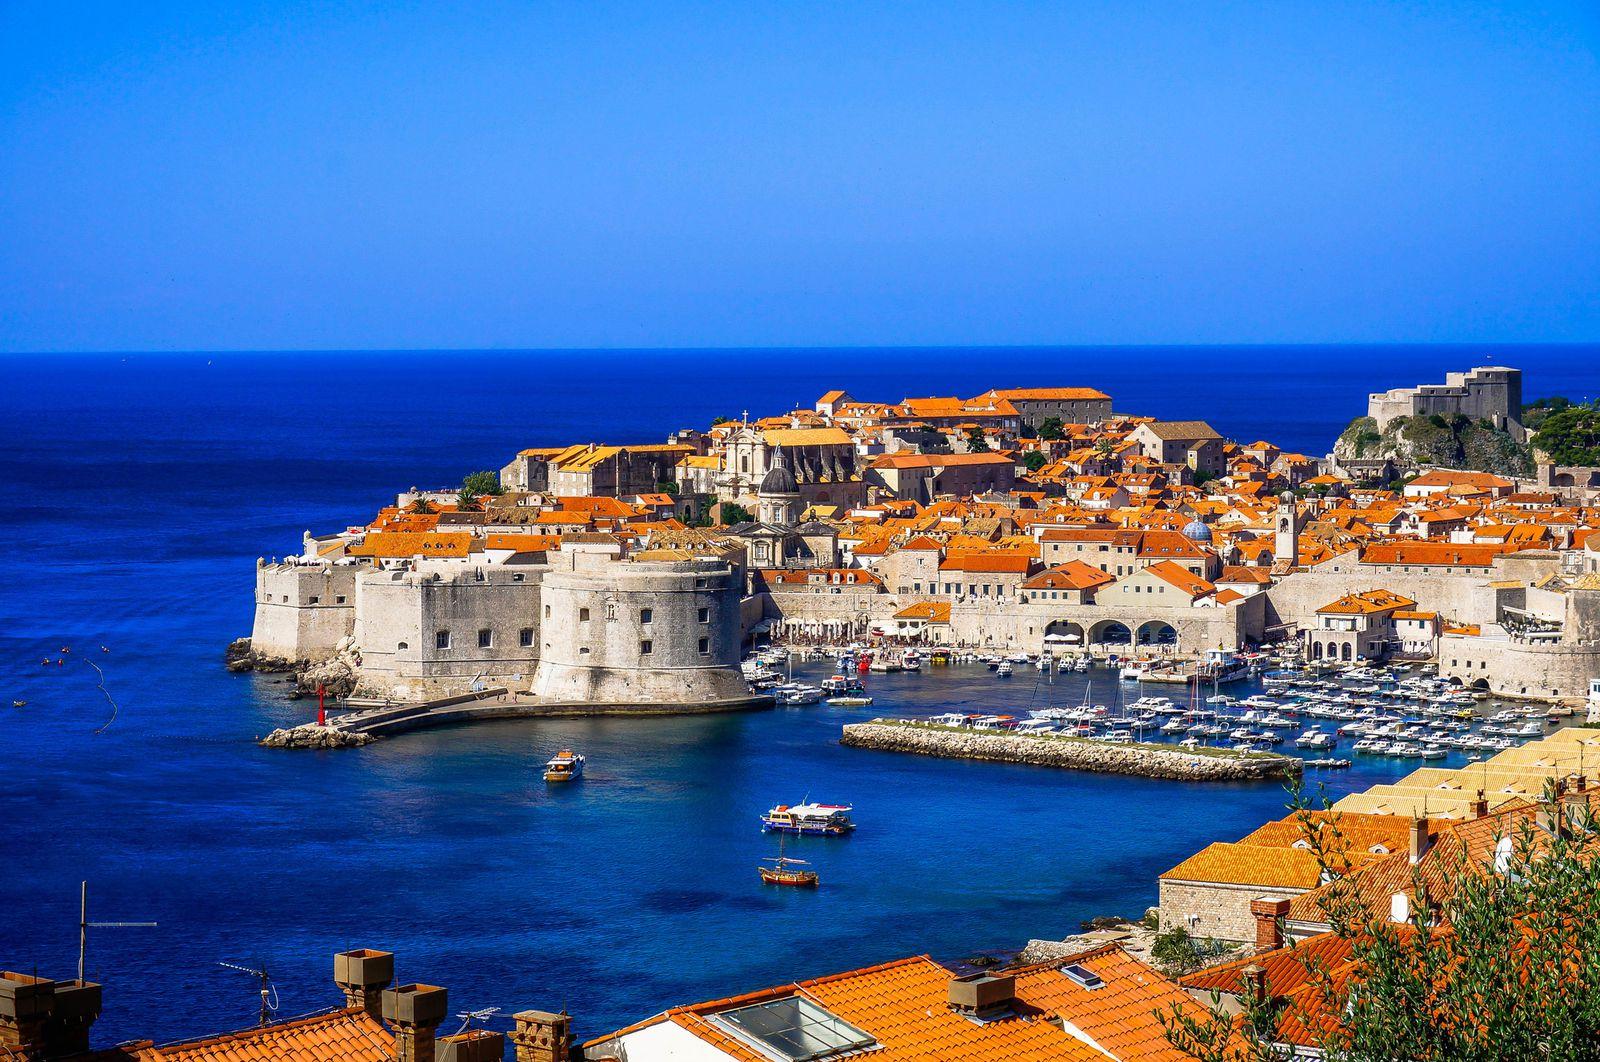 この夏は憧れのヨーロッパに行こう!欧州の人気12都市の魅力を紹介します                当サイト内のおでかけ情報に関してこのまとめ記事の目次